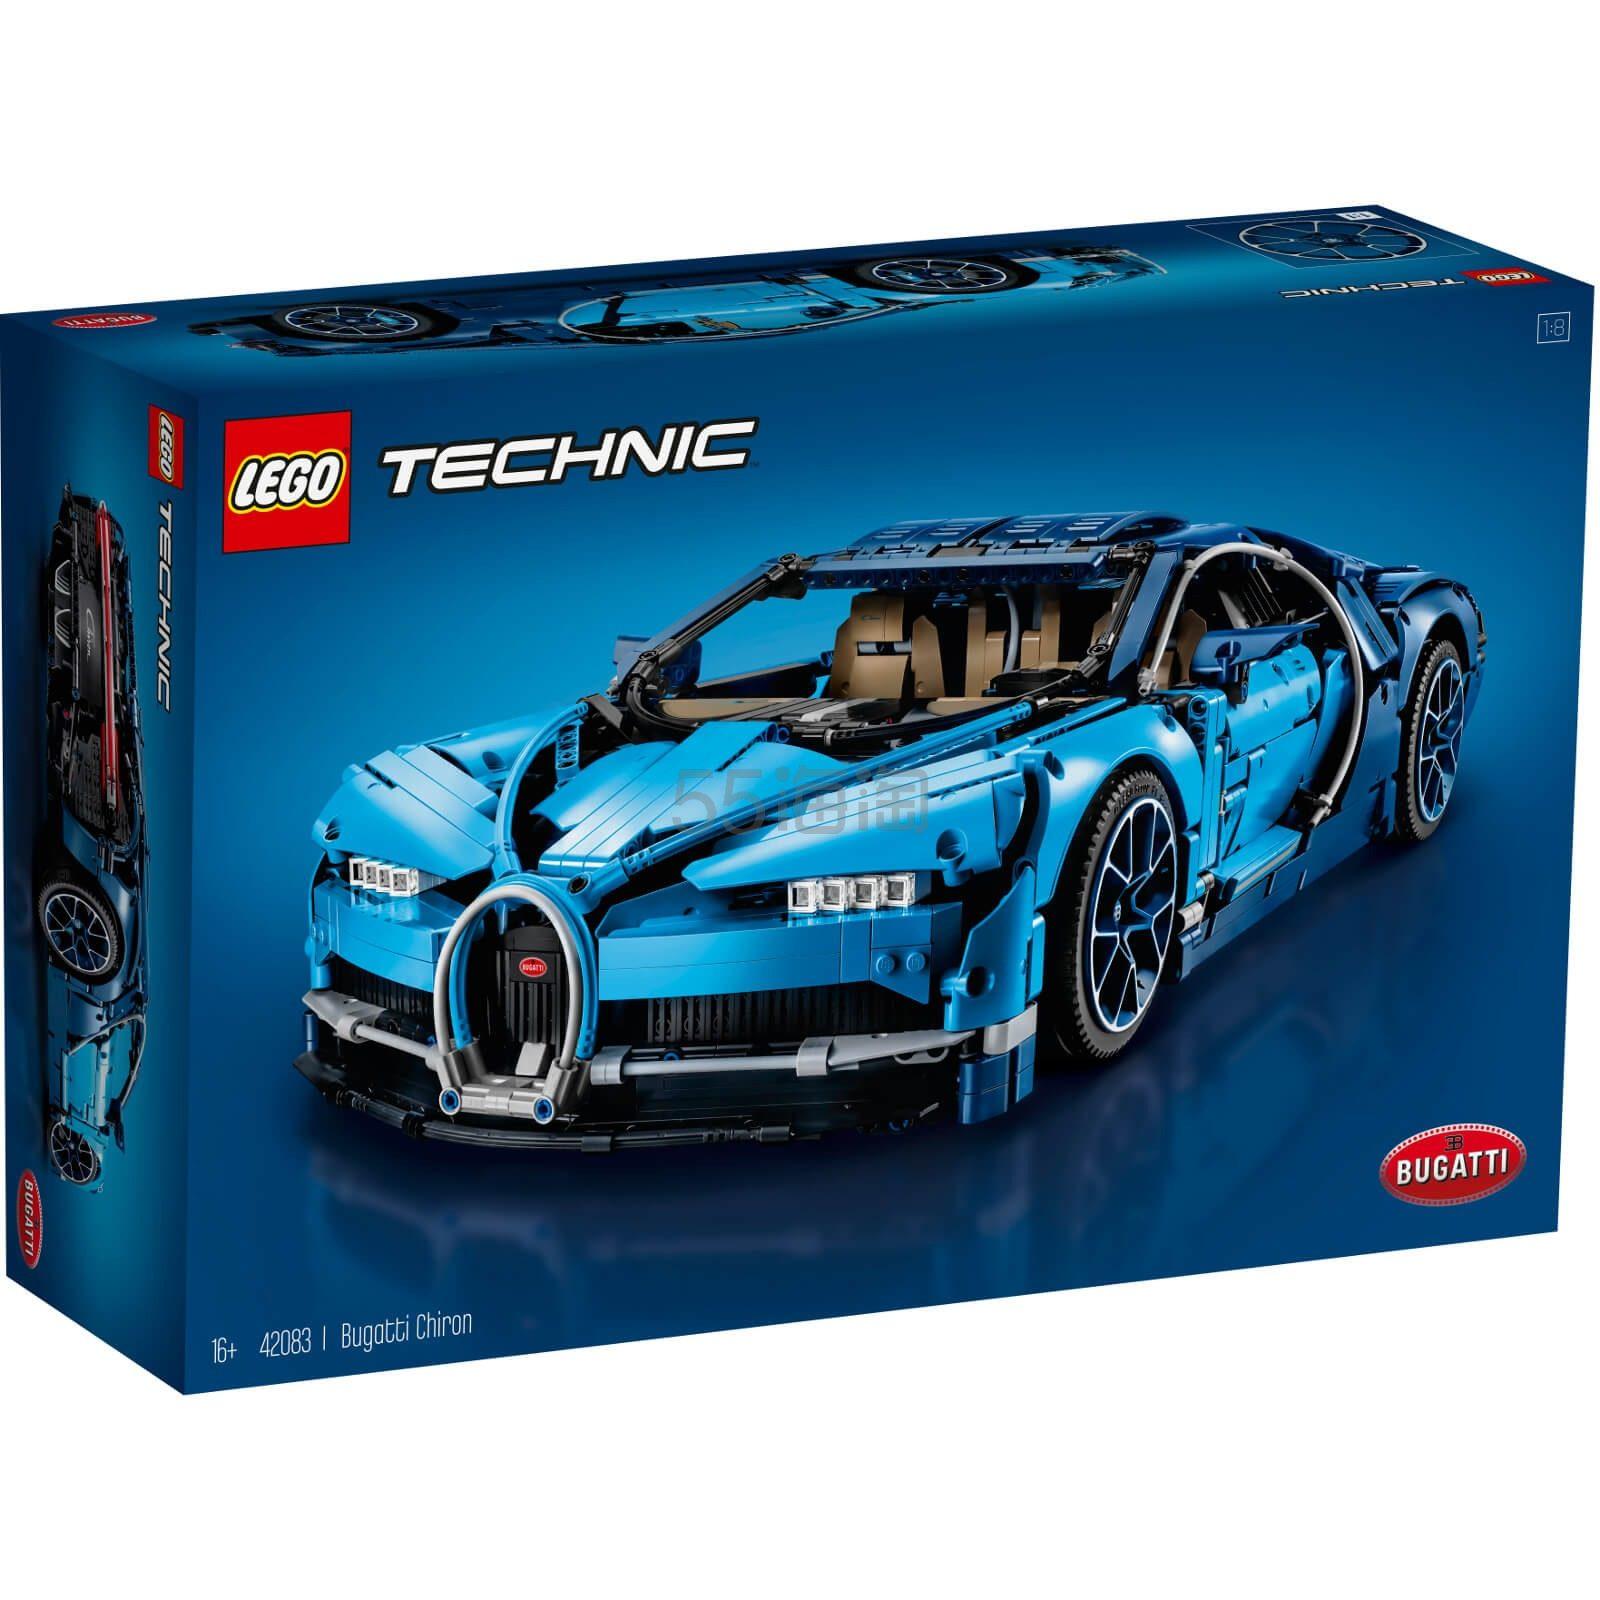 LEGO 乐高 科技系列 布加迪威龙 (42083)